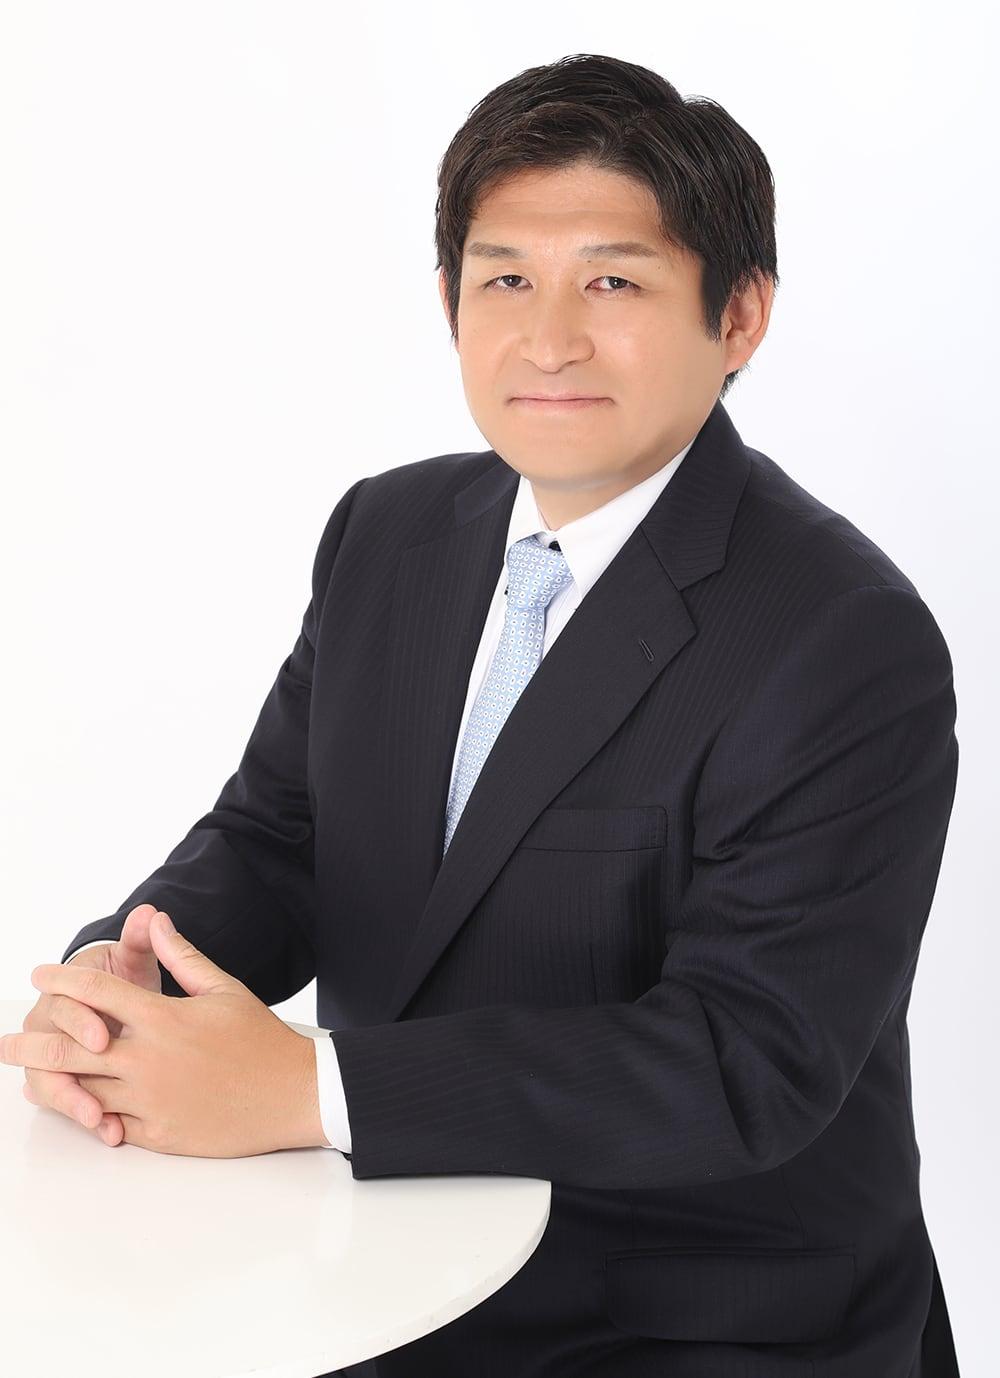 代表取締役 紺谷 彰良